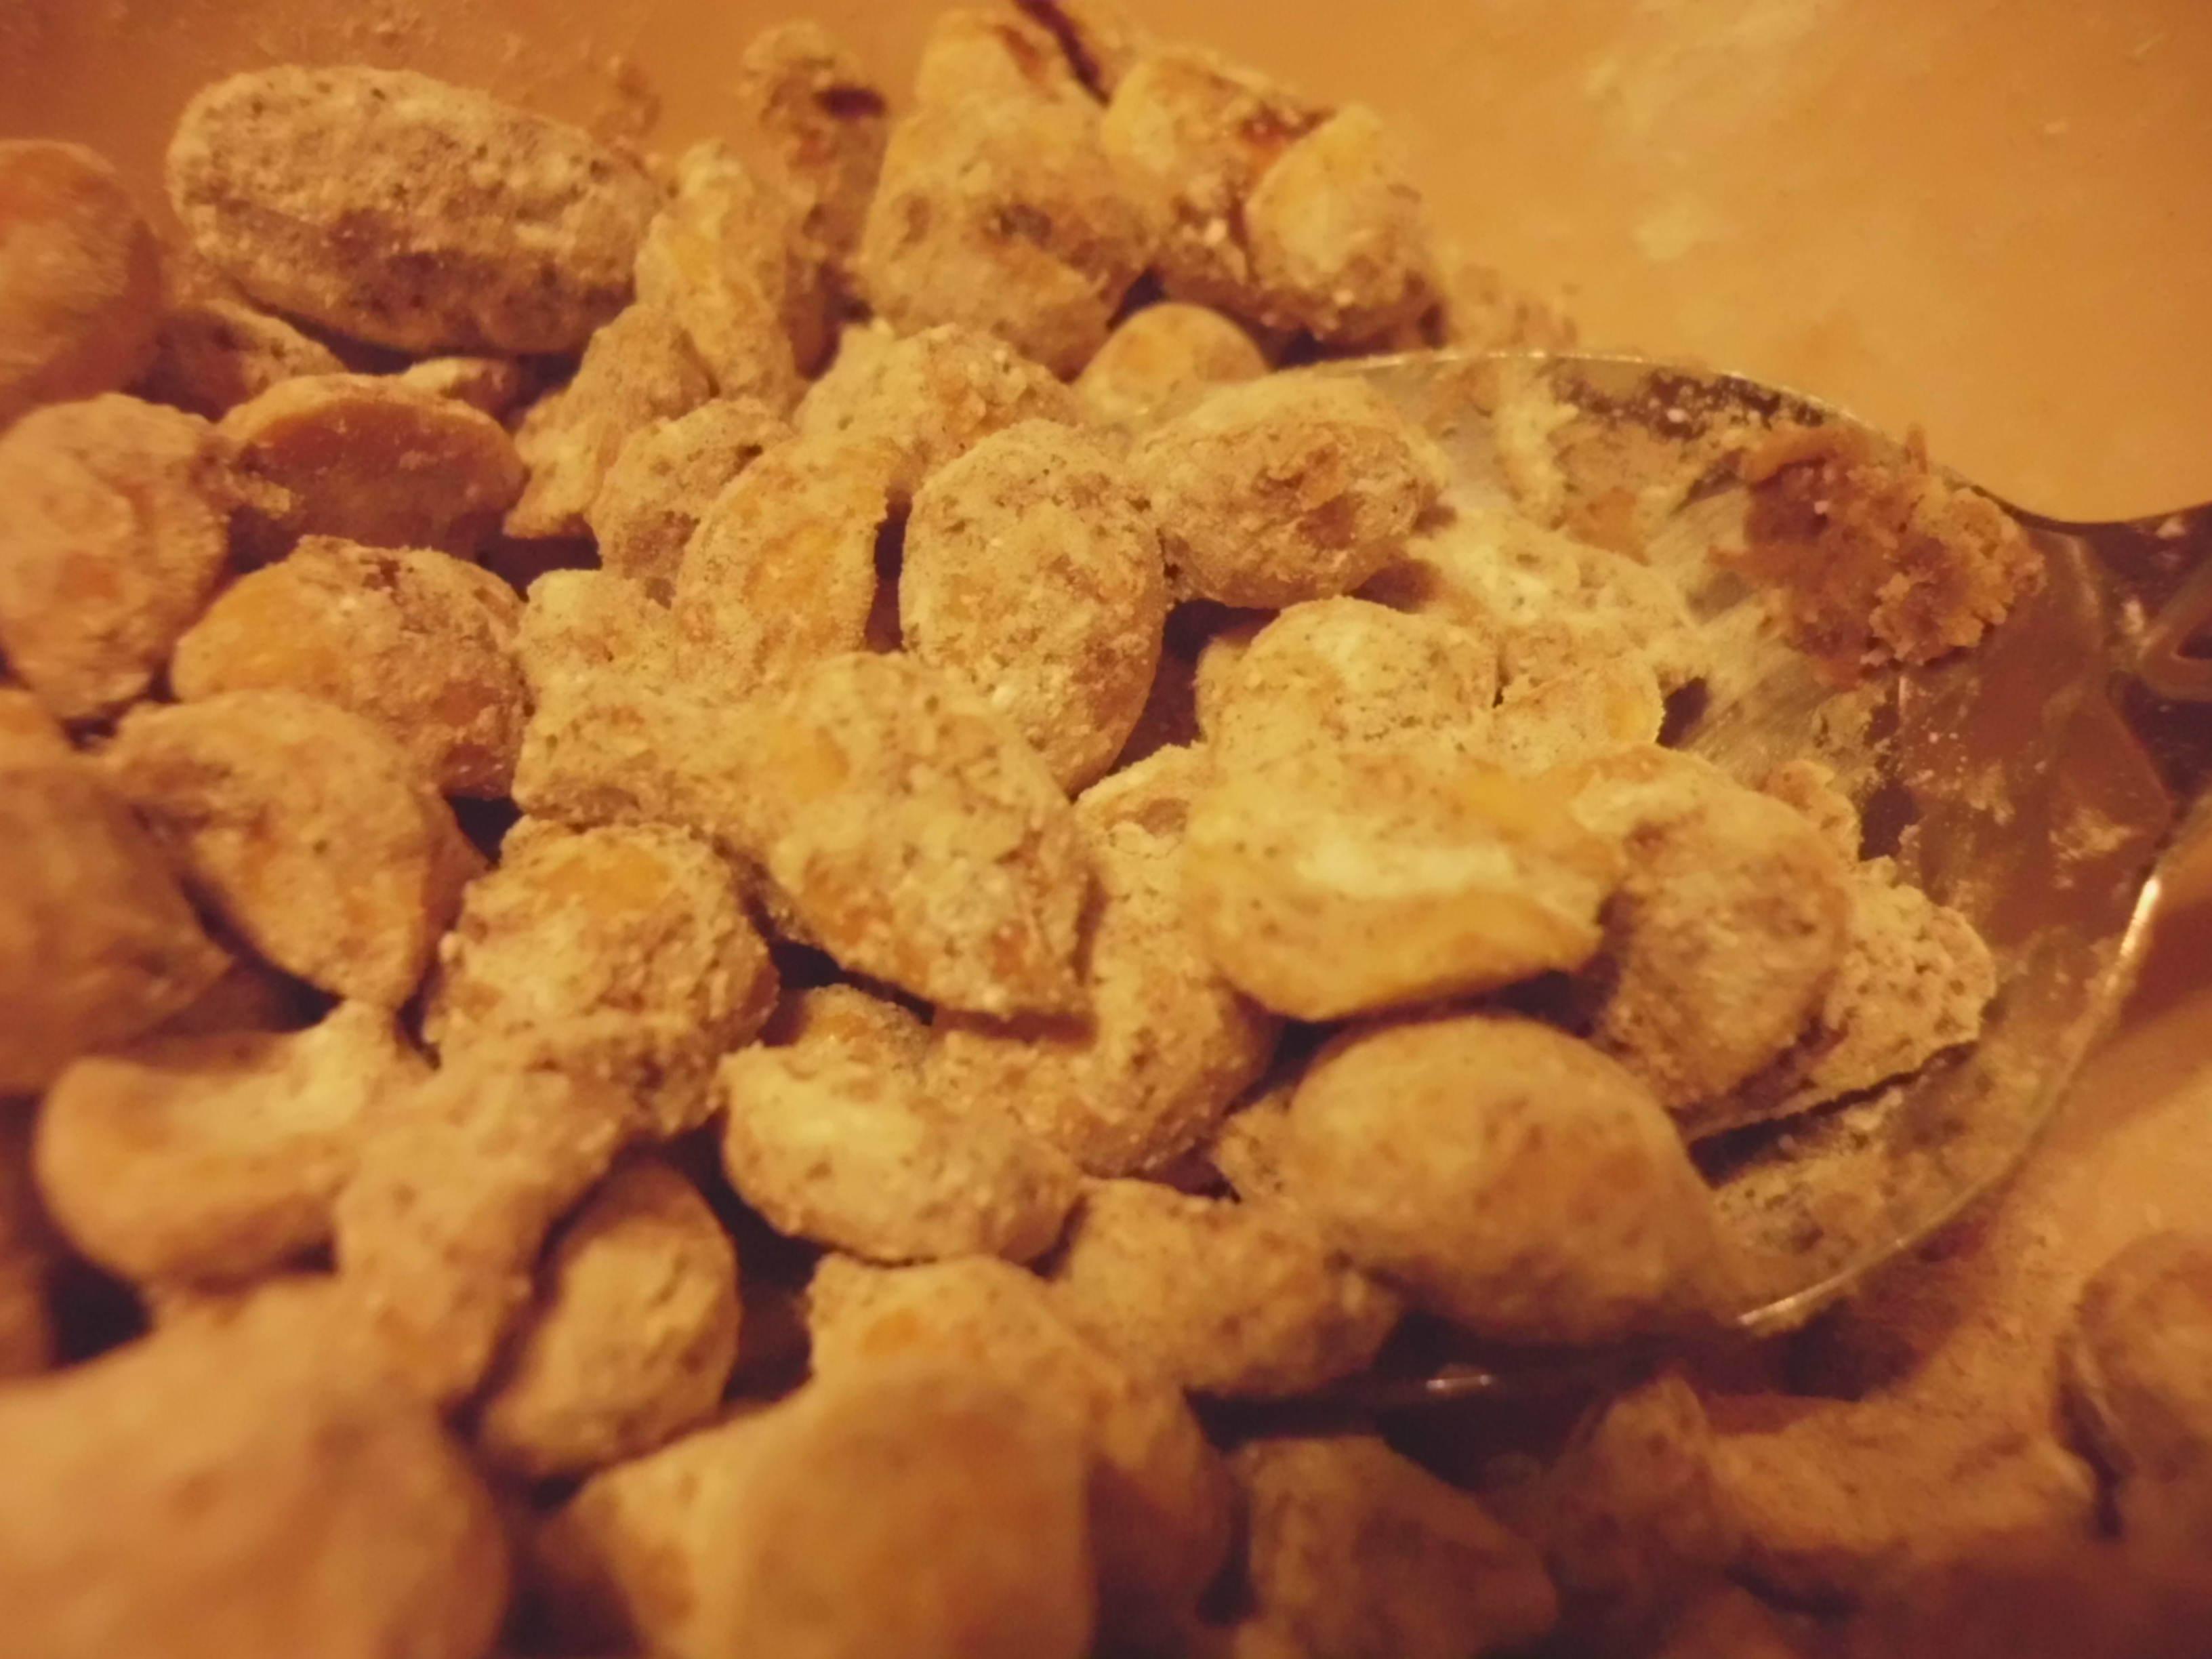 Cinnamon Toasted Peanuts